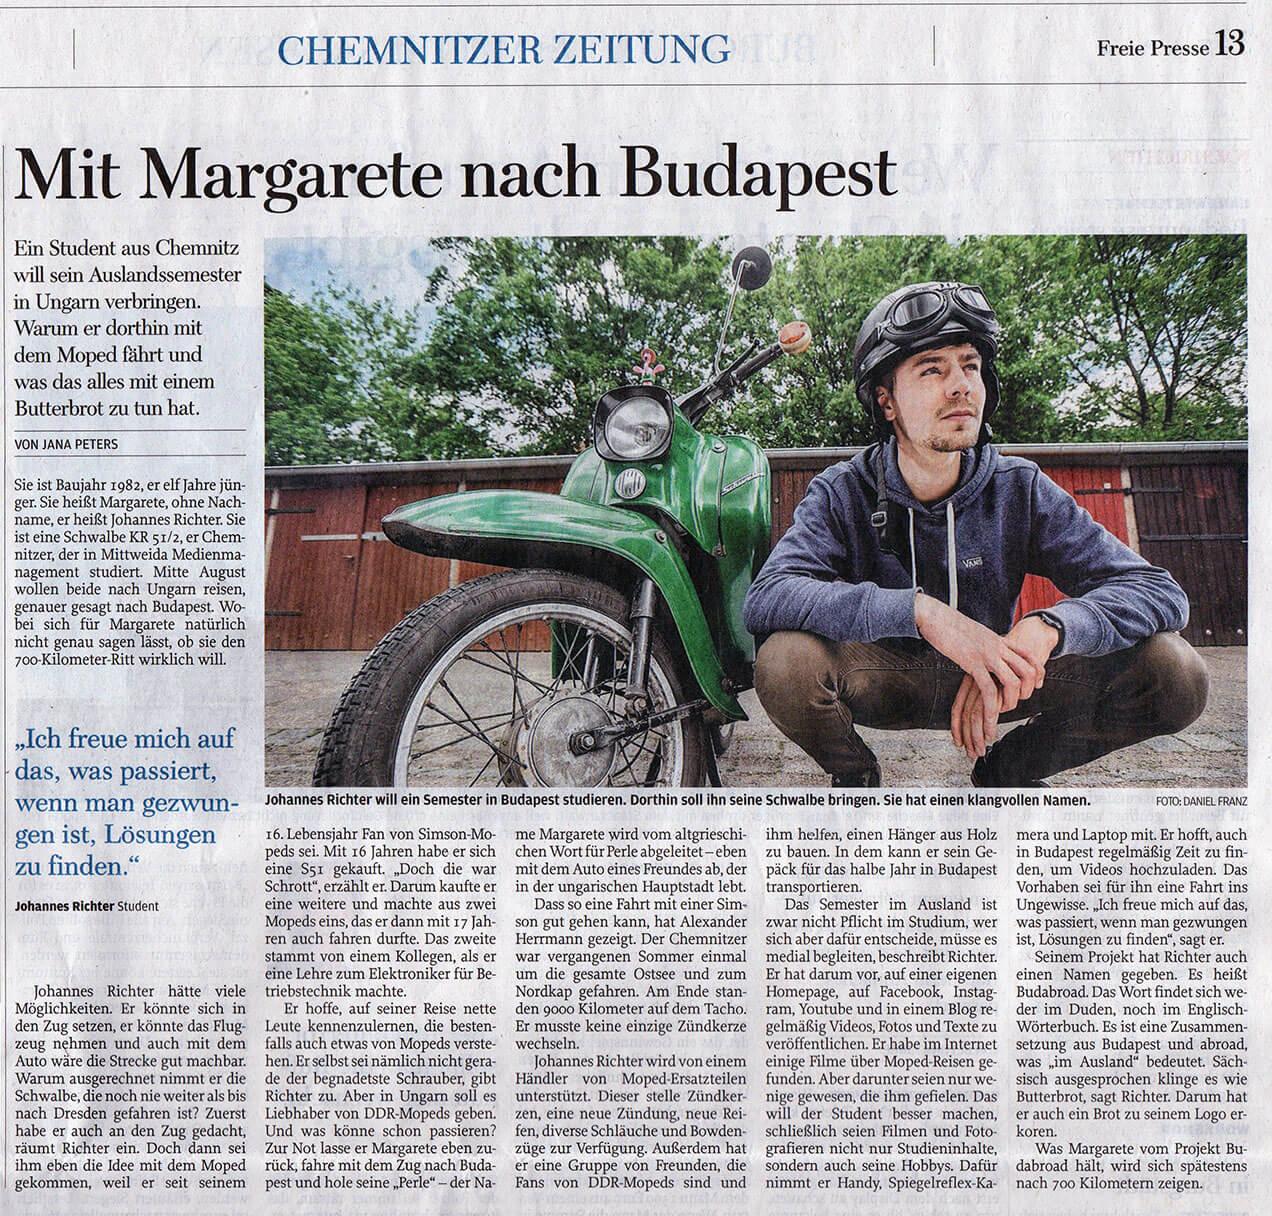 Budabroad in der Chemnitzer Zeitung FREIE PRESSE